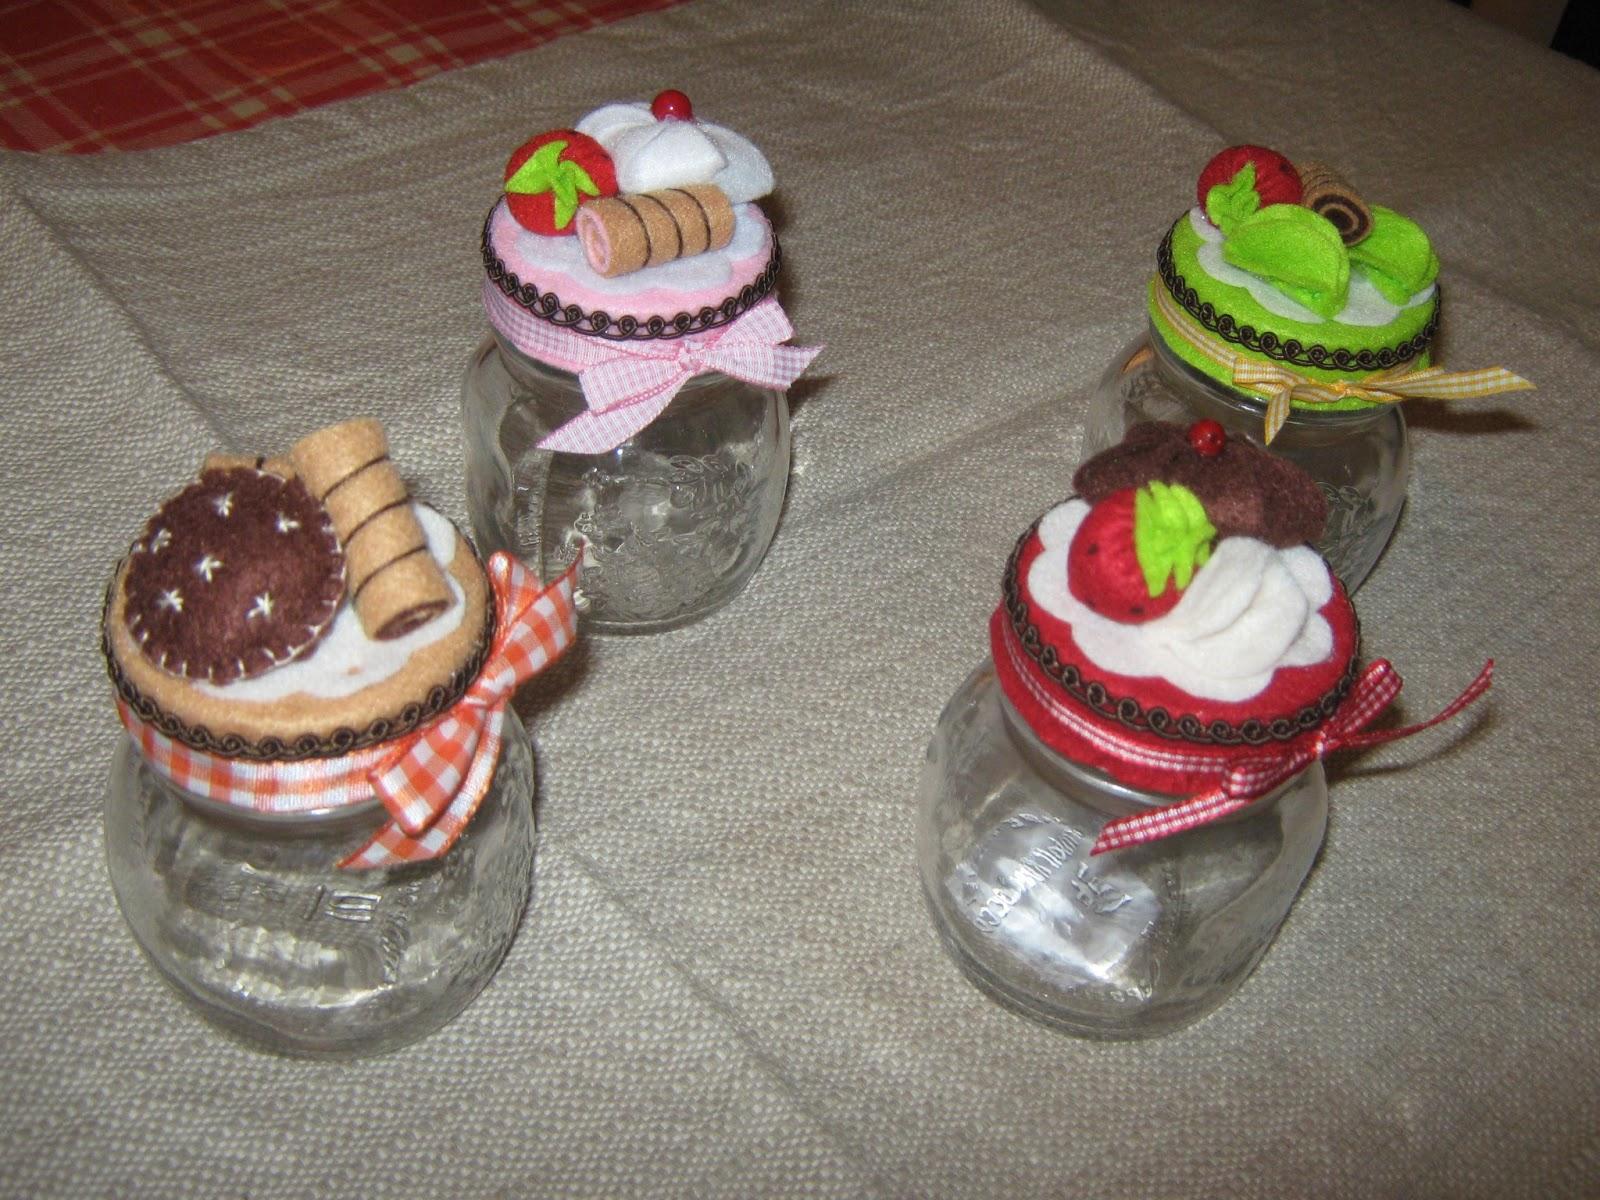 I dolci di marilina barattoli in vetro decorati con - Barattoli vetro decorati ...